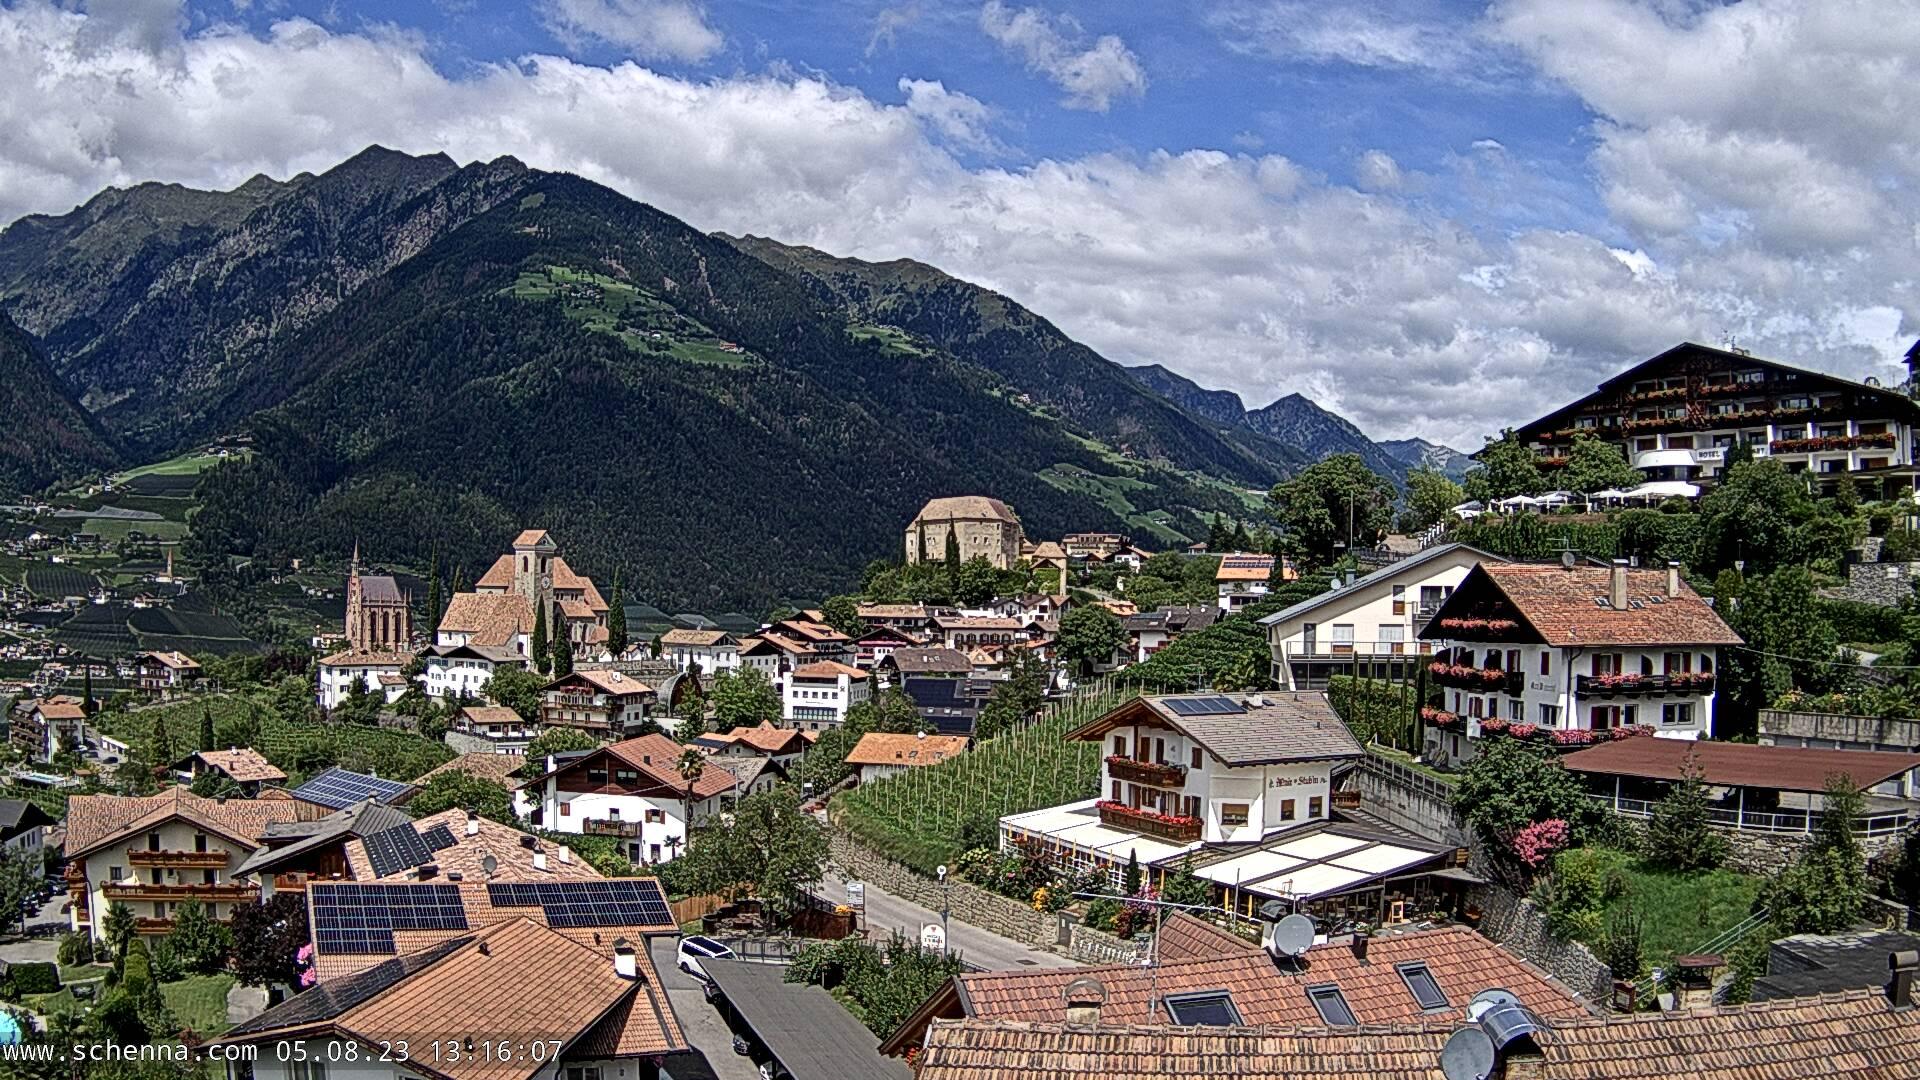 Blick auf das Dorfzentrum, im Hintergrund Hahnenkamm